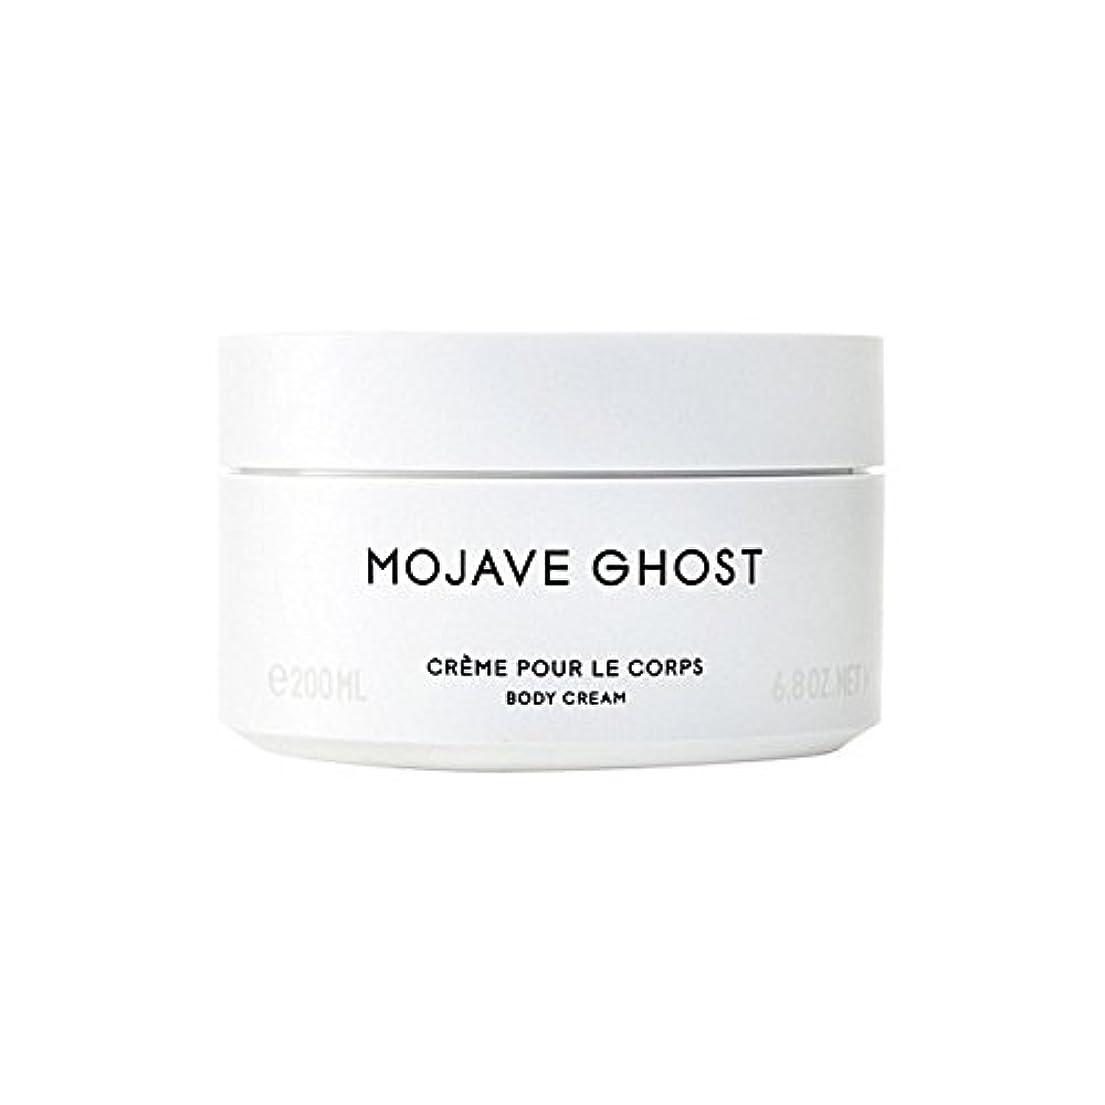 不愉快狐南アメリカByredo Mojave Ghost Body Cream 200ml - モハーベゴーストボディクリーム200ミリリットル [並行輸入品]